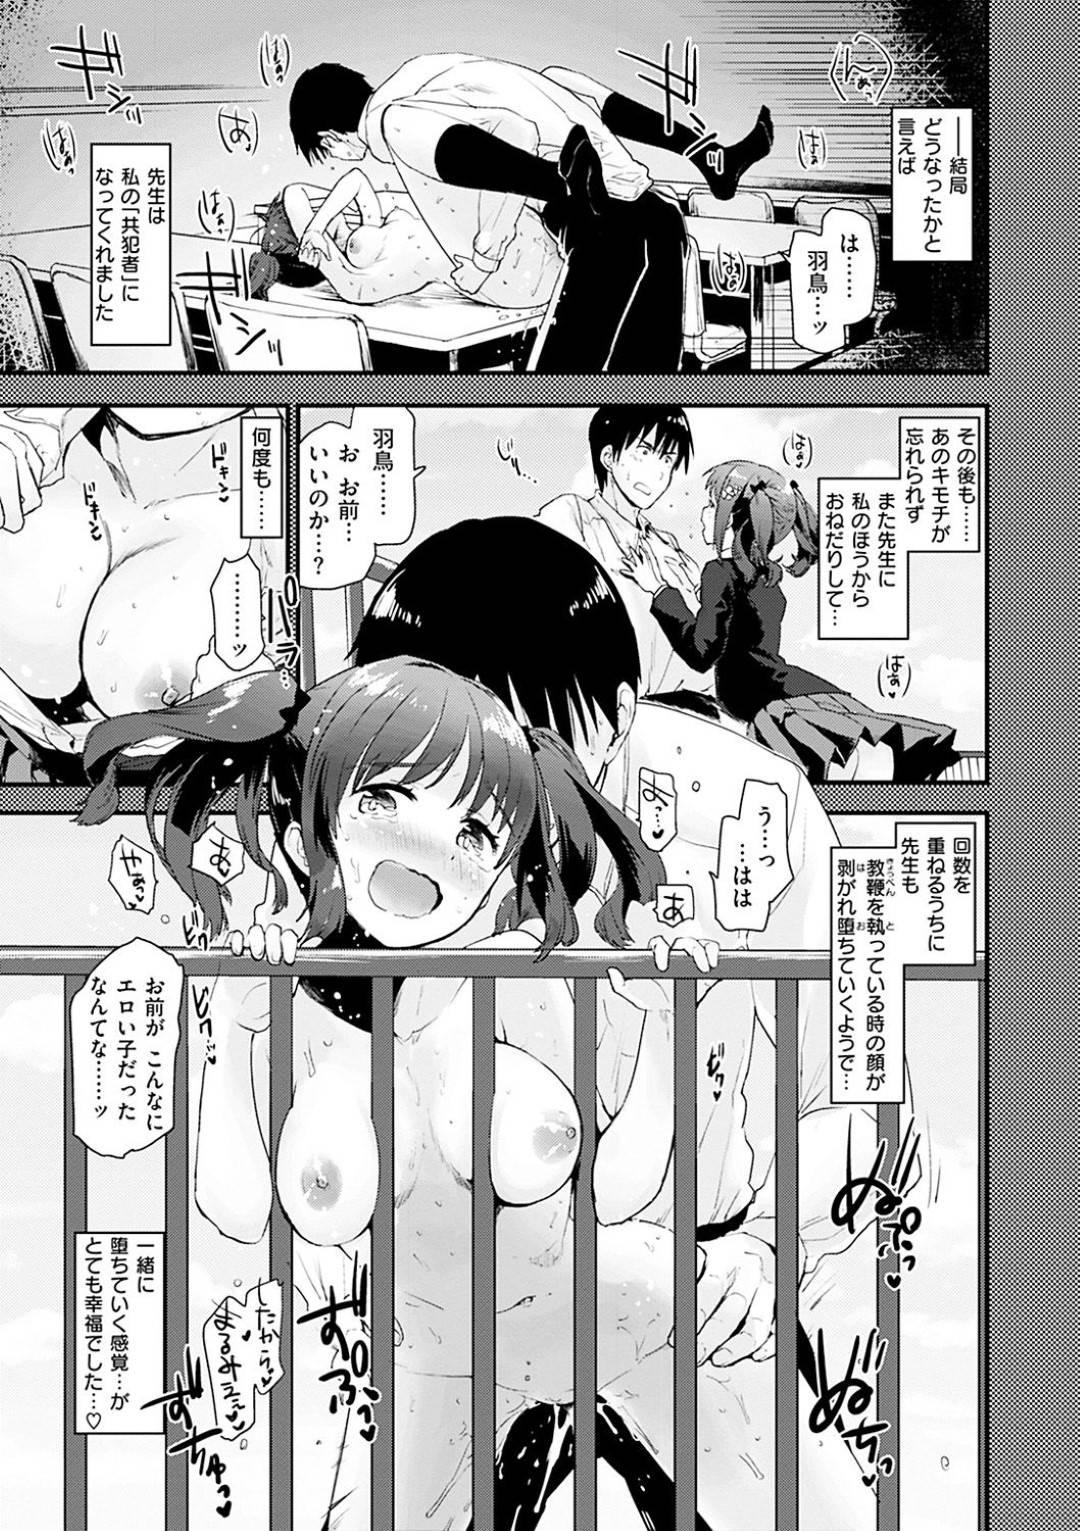 【エロ漫画】有名な混浴温泉にご主人様とやってきてバスタオルを取る巨乳少女…見られるのが好きな彼女は自ら股を広げて誘惑!【もず】